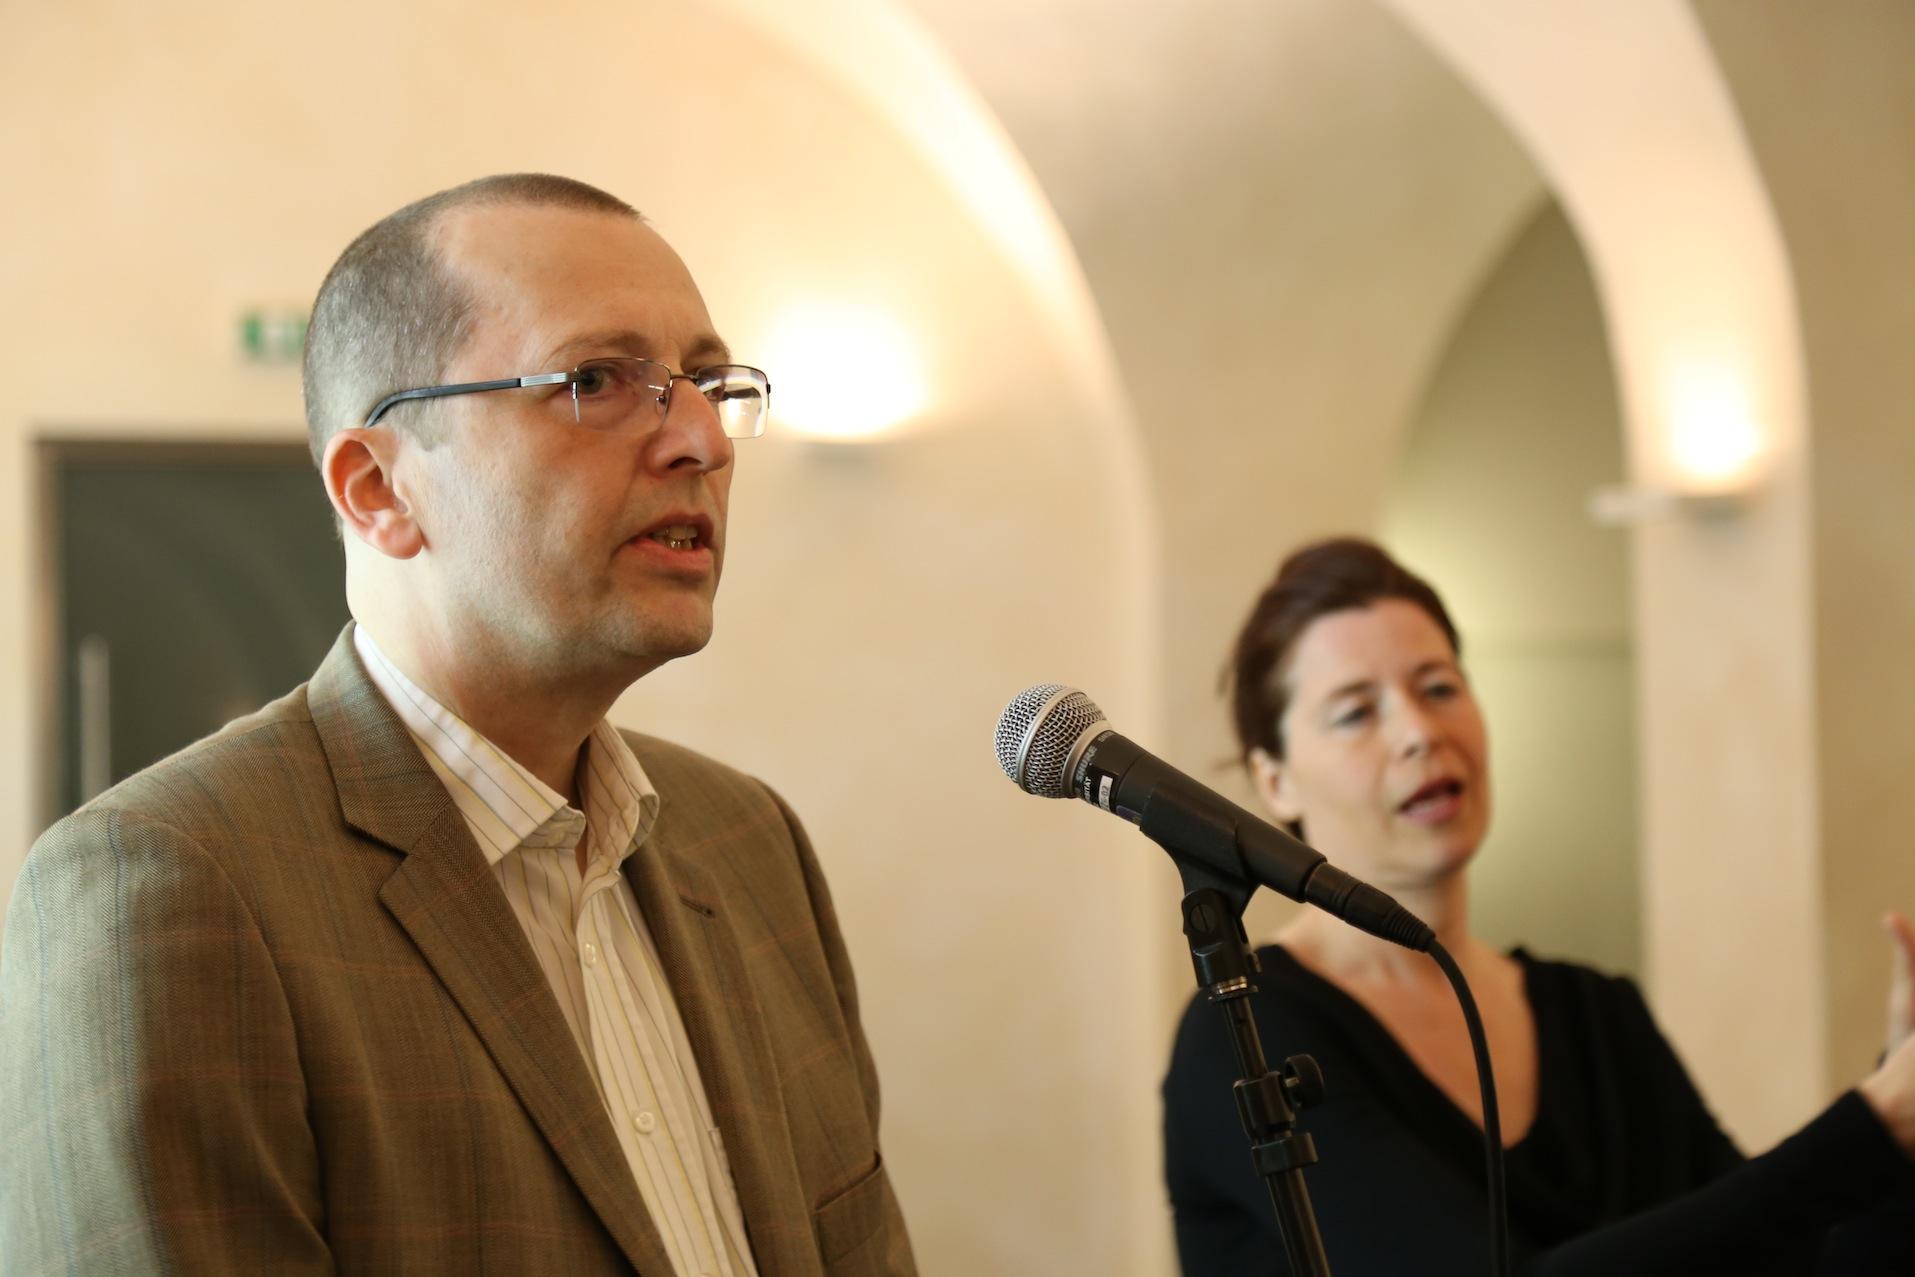 Eröffnung - Daniel Mayer, Ilona Seidel-Jerey © J. Rauchenberger